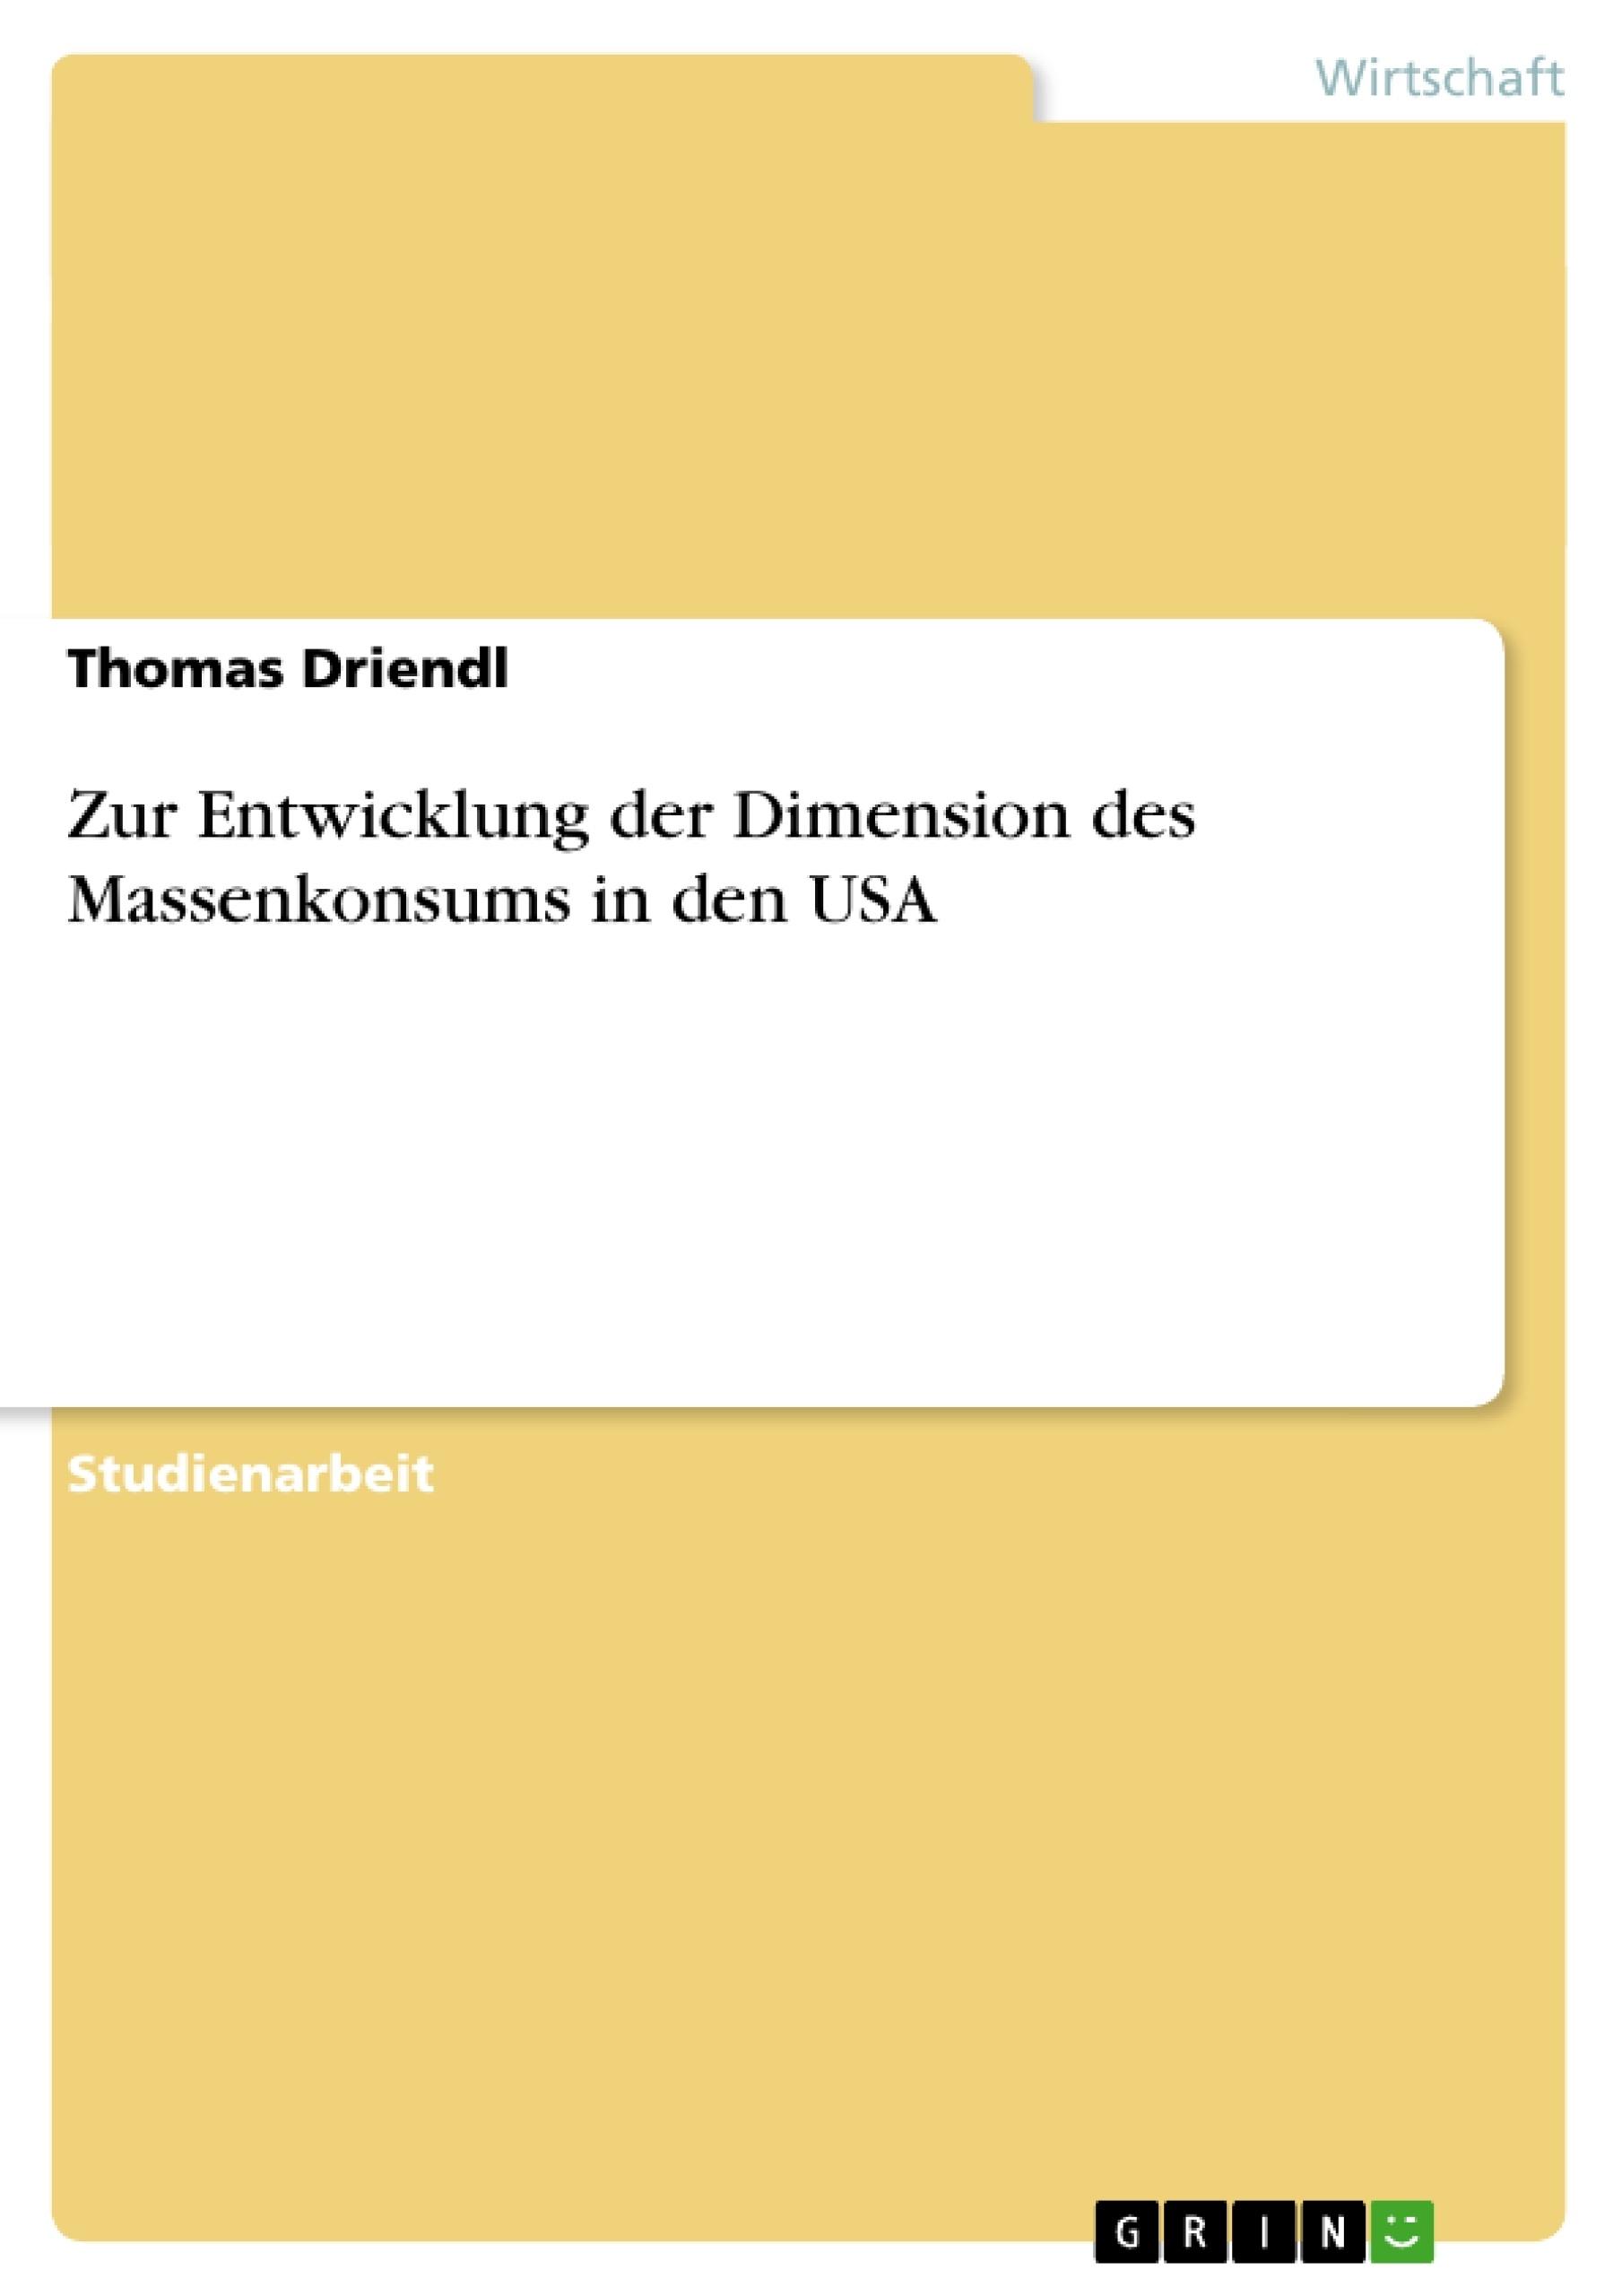 Titel: Zur Entwicklung der Dimension des Massenkonsums in den USA